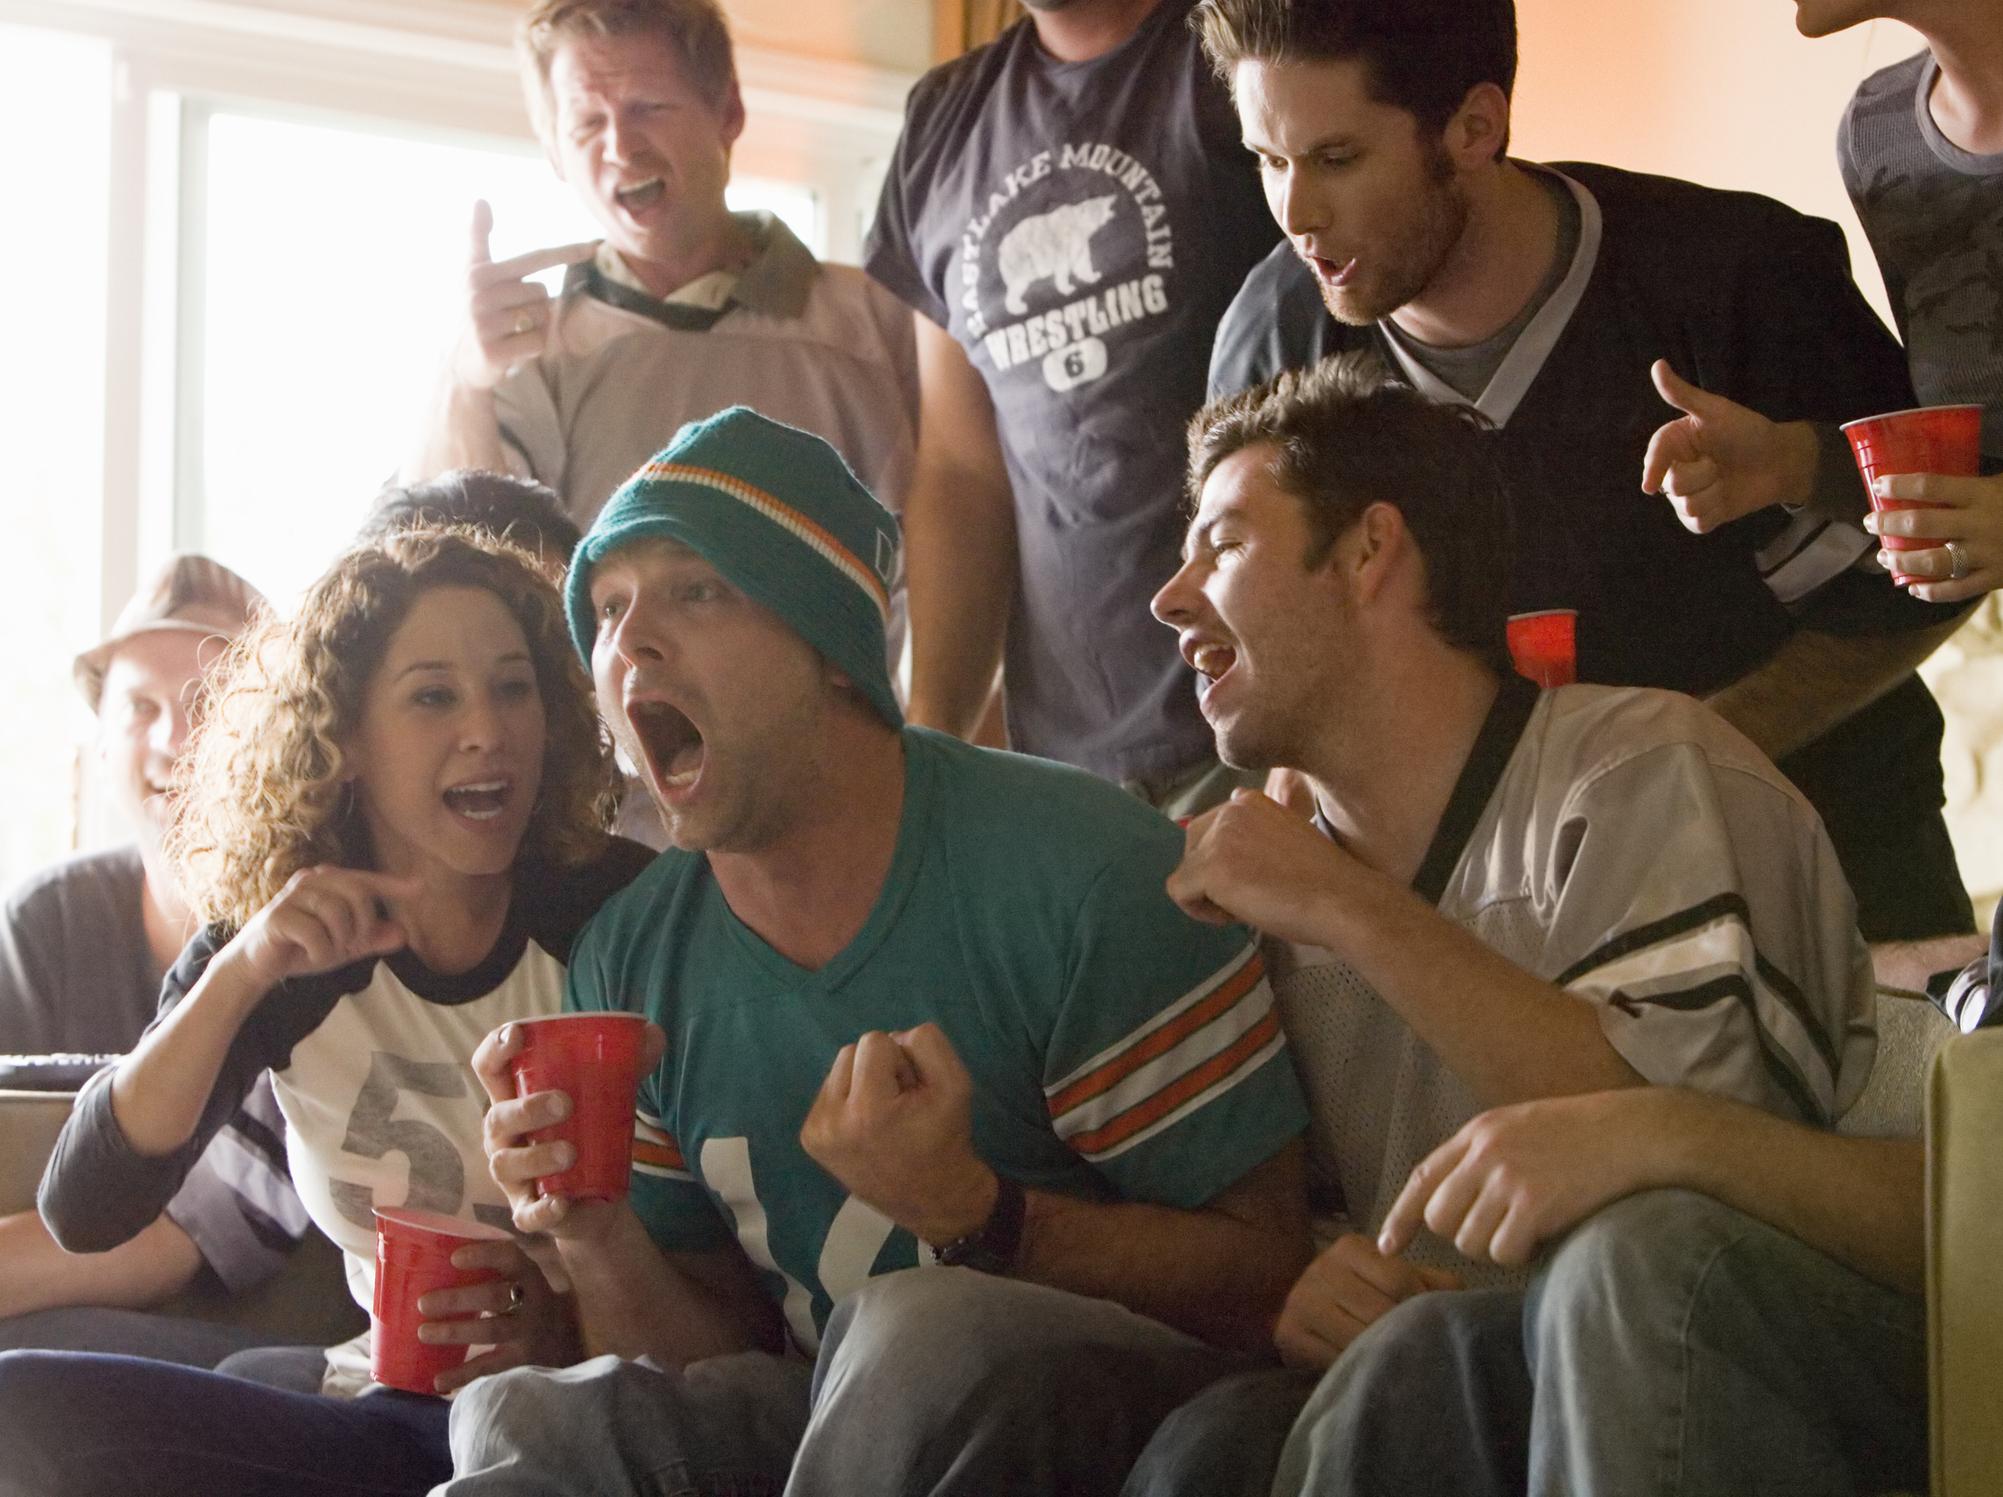 Friends watch football